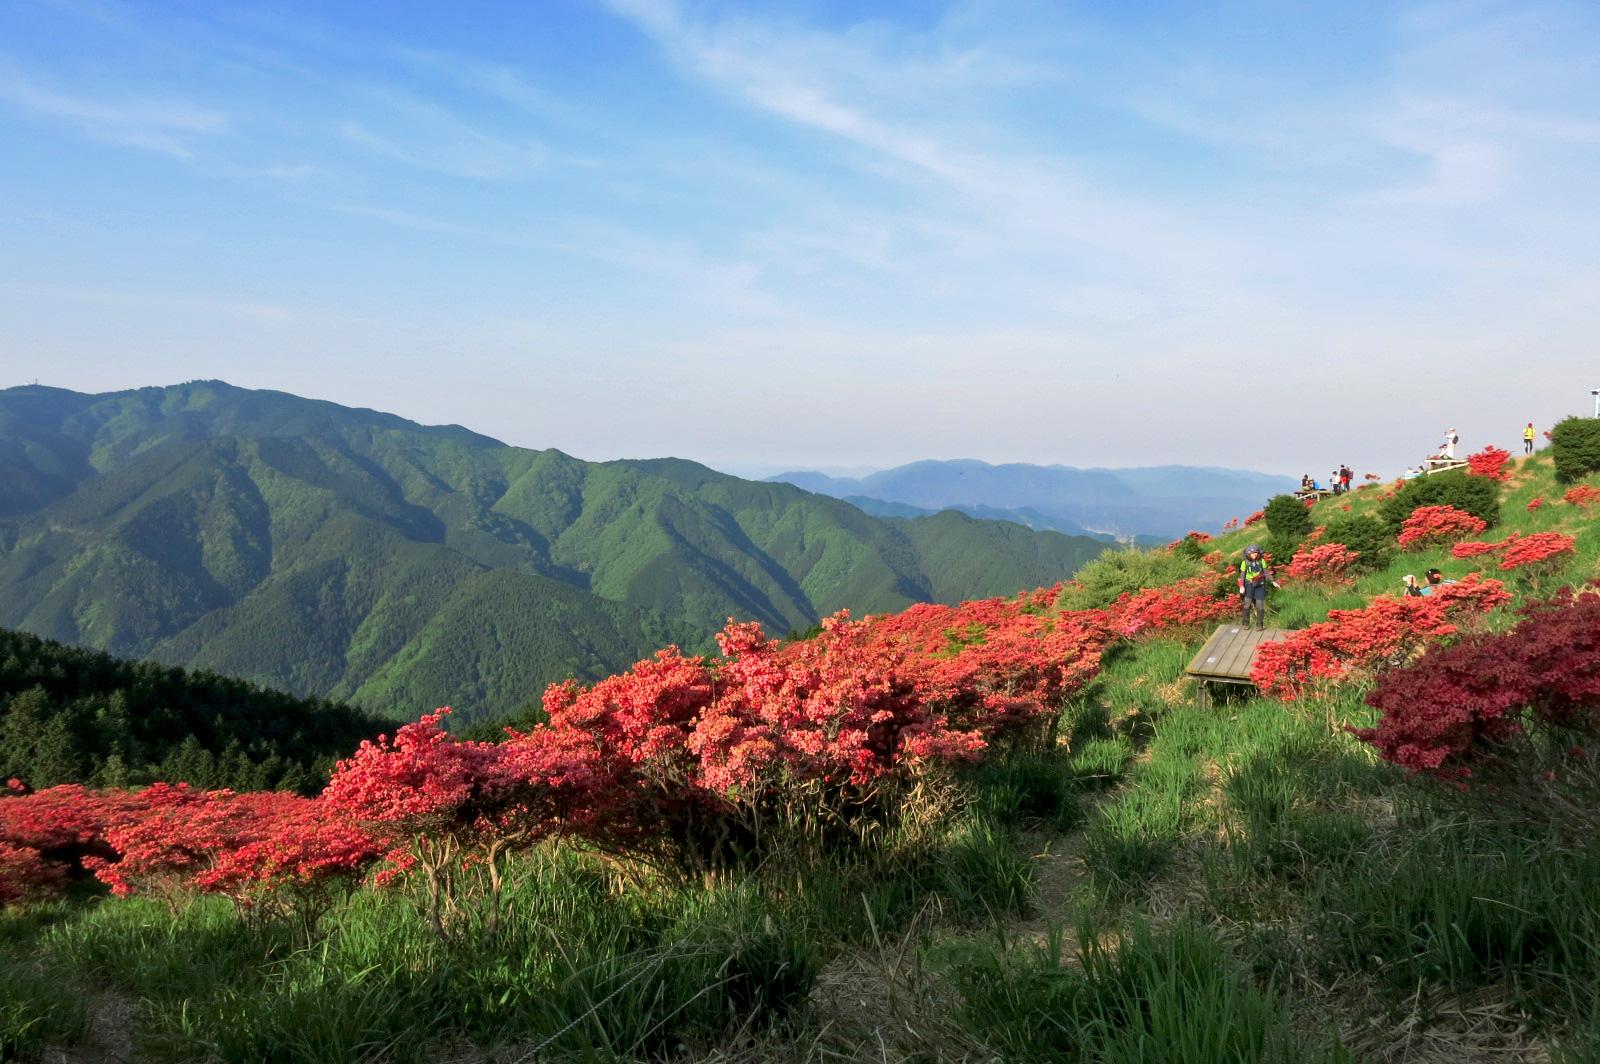 絶景!御所市にある葛城山に行ってきました。一目百万本といわれるヤマツツジが満開でした!